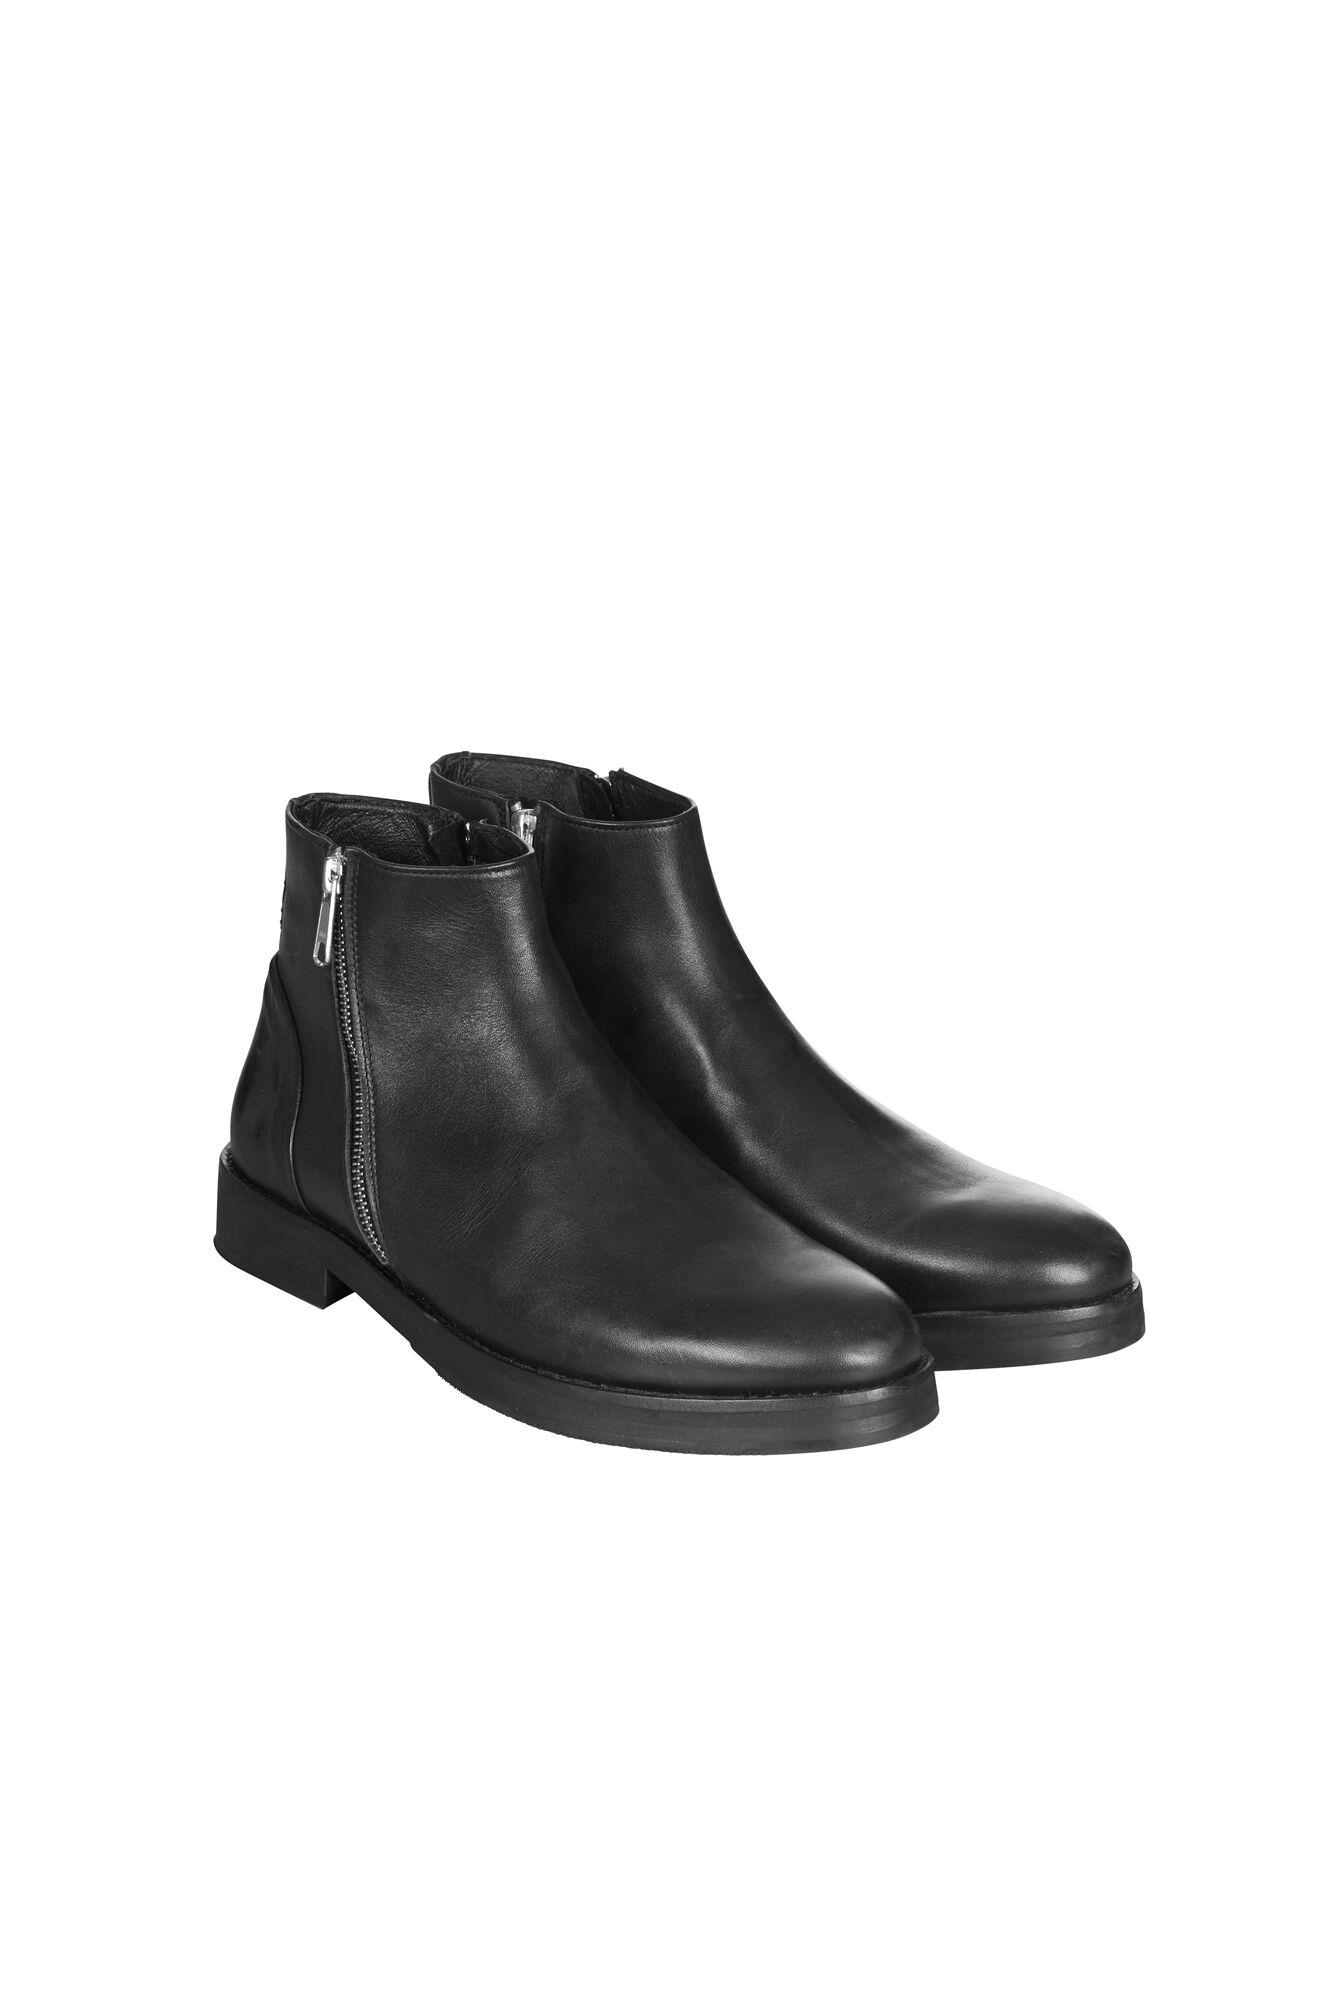 Tasman Zip 3302, BLACK